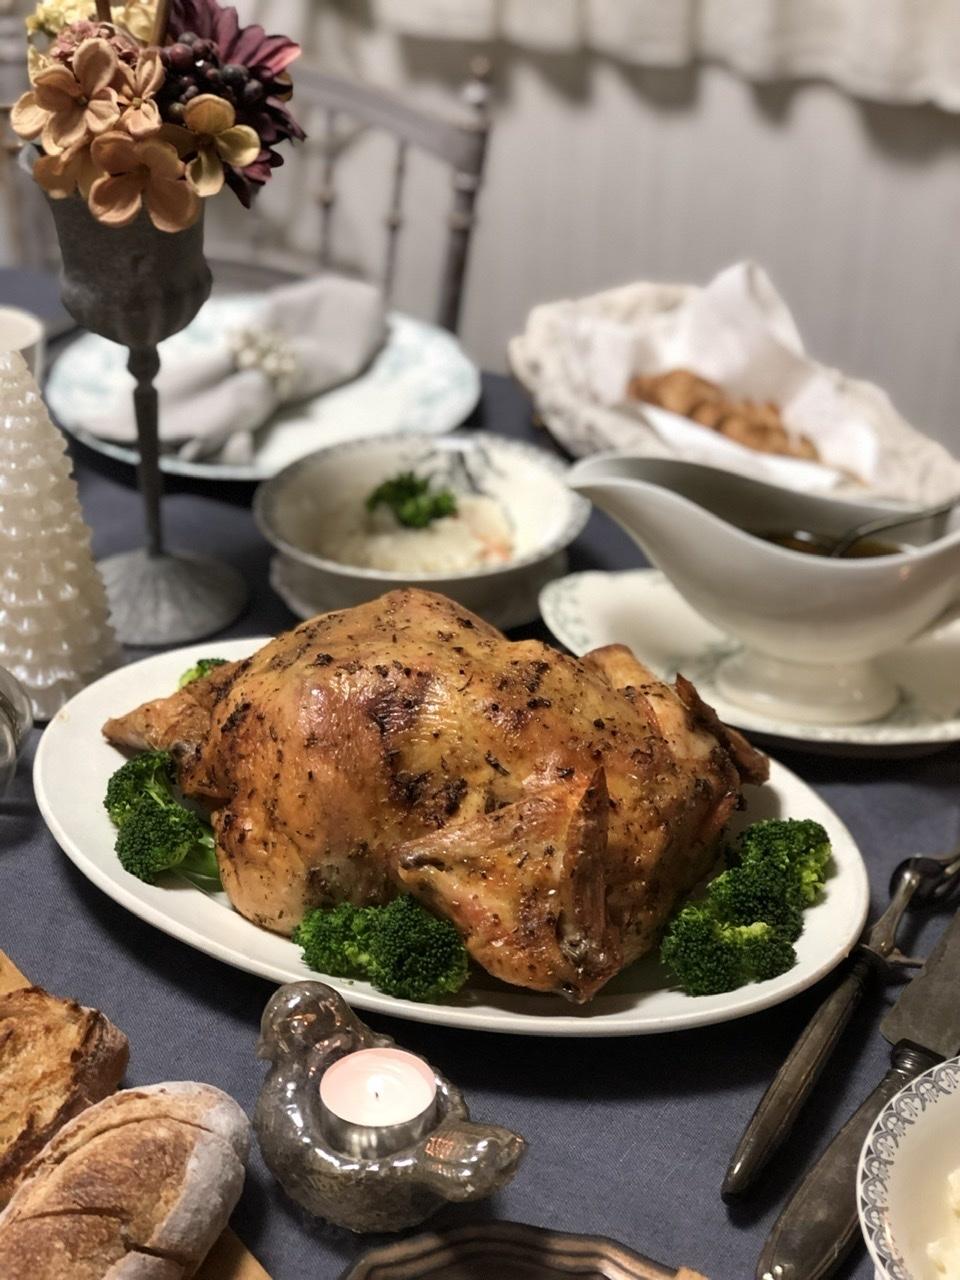 旦那さんの手料理でクリスマスディナー2019_a0157409_09274048.jpeg